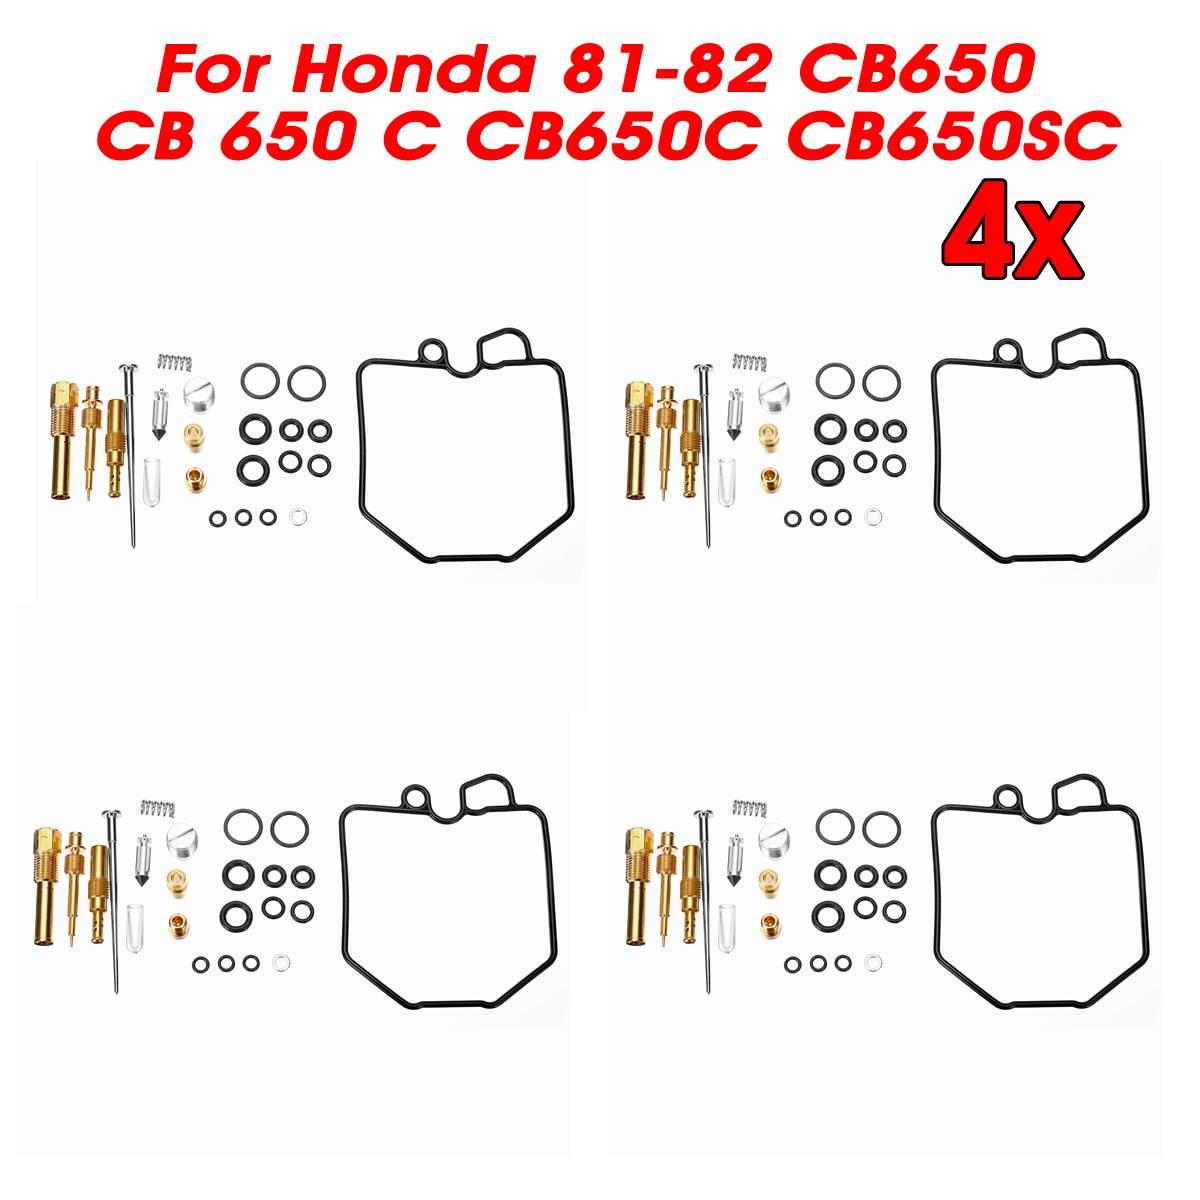 Autoleader 1/4Set Car Carburetor Carb Repair Rebuild Kit Auto Rebuild Accessories For Honda 81-82 CB650 CB 650 C CB650C CB650SC